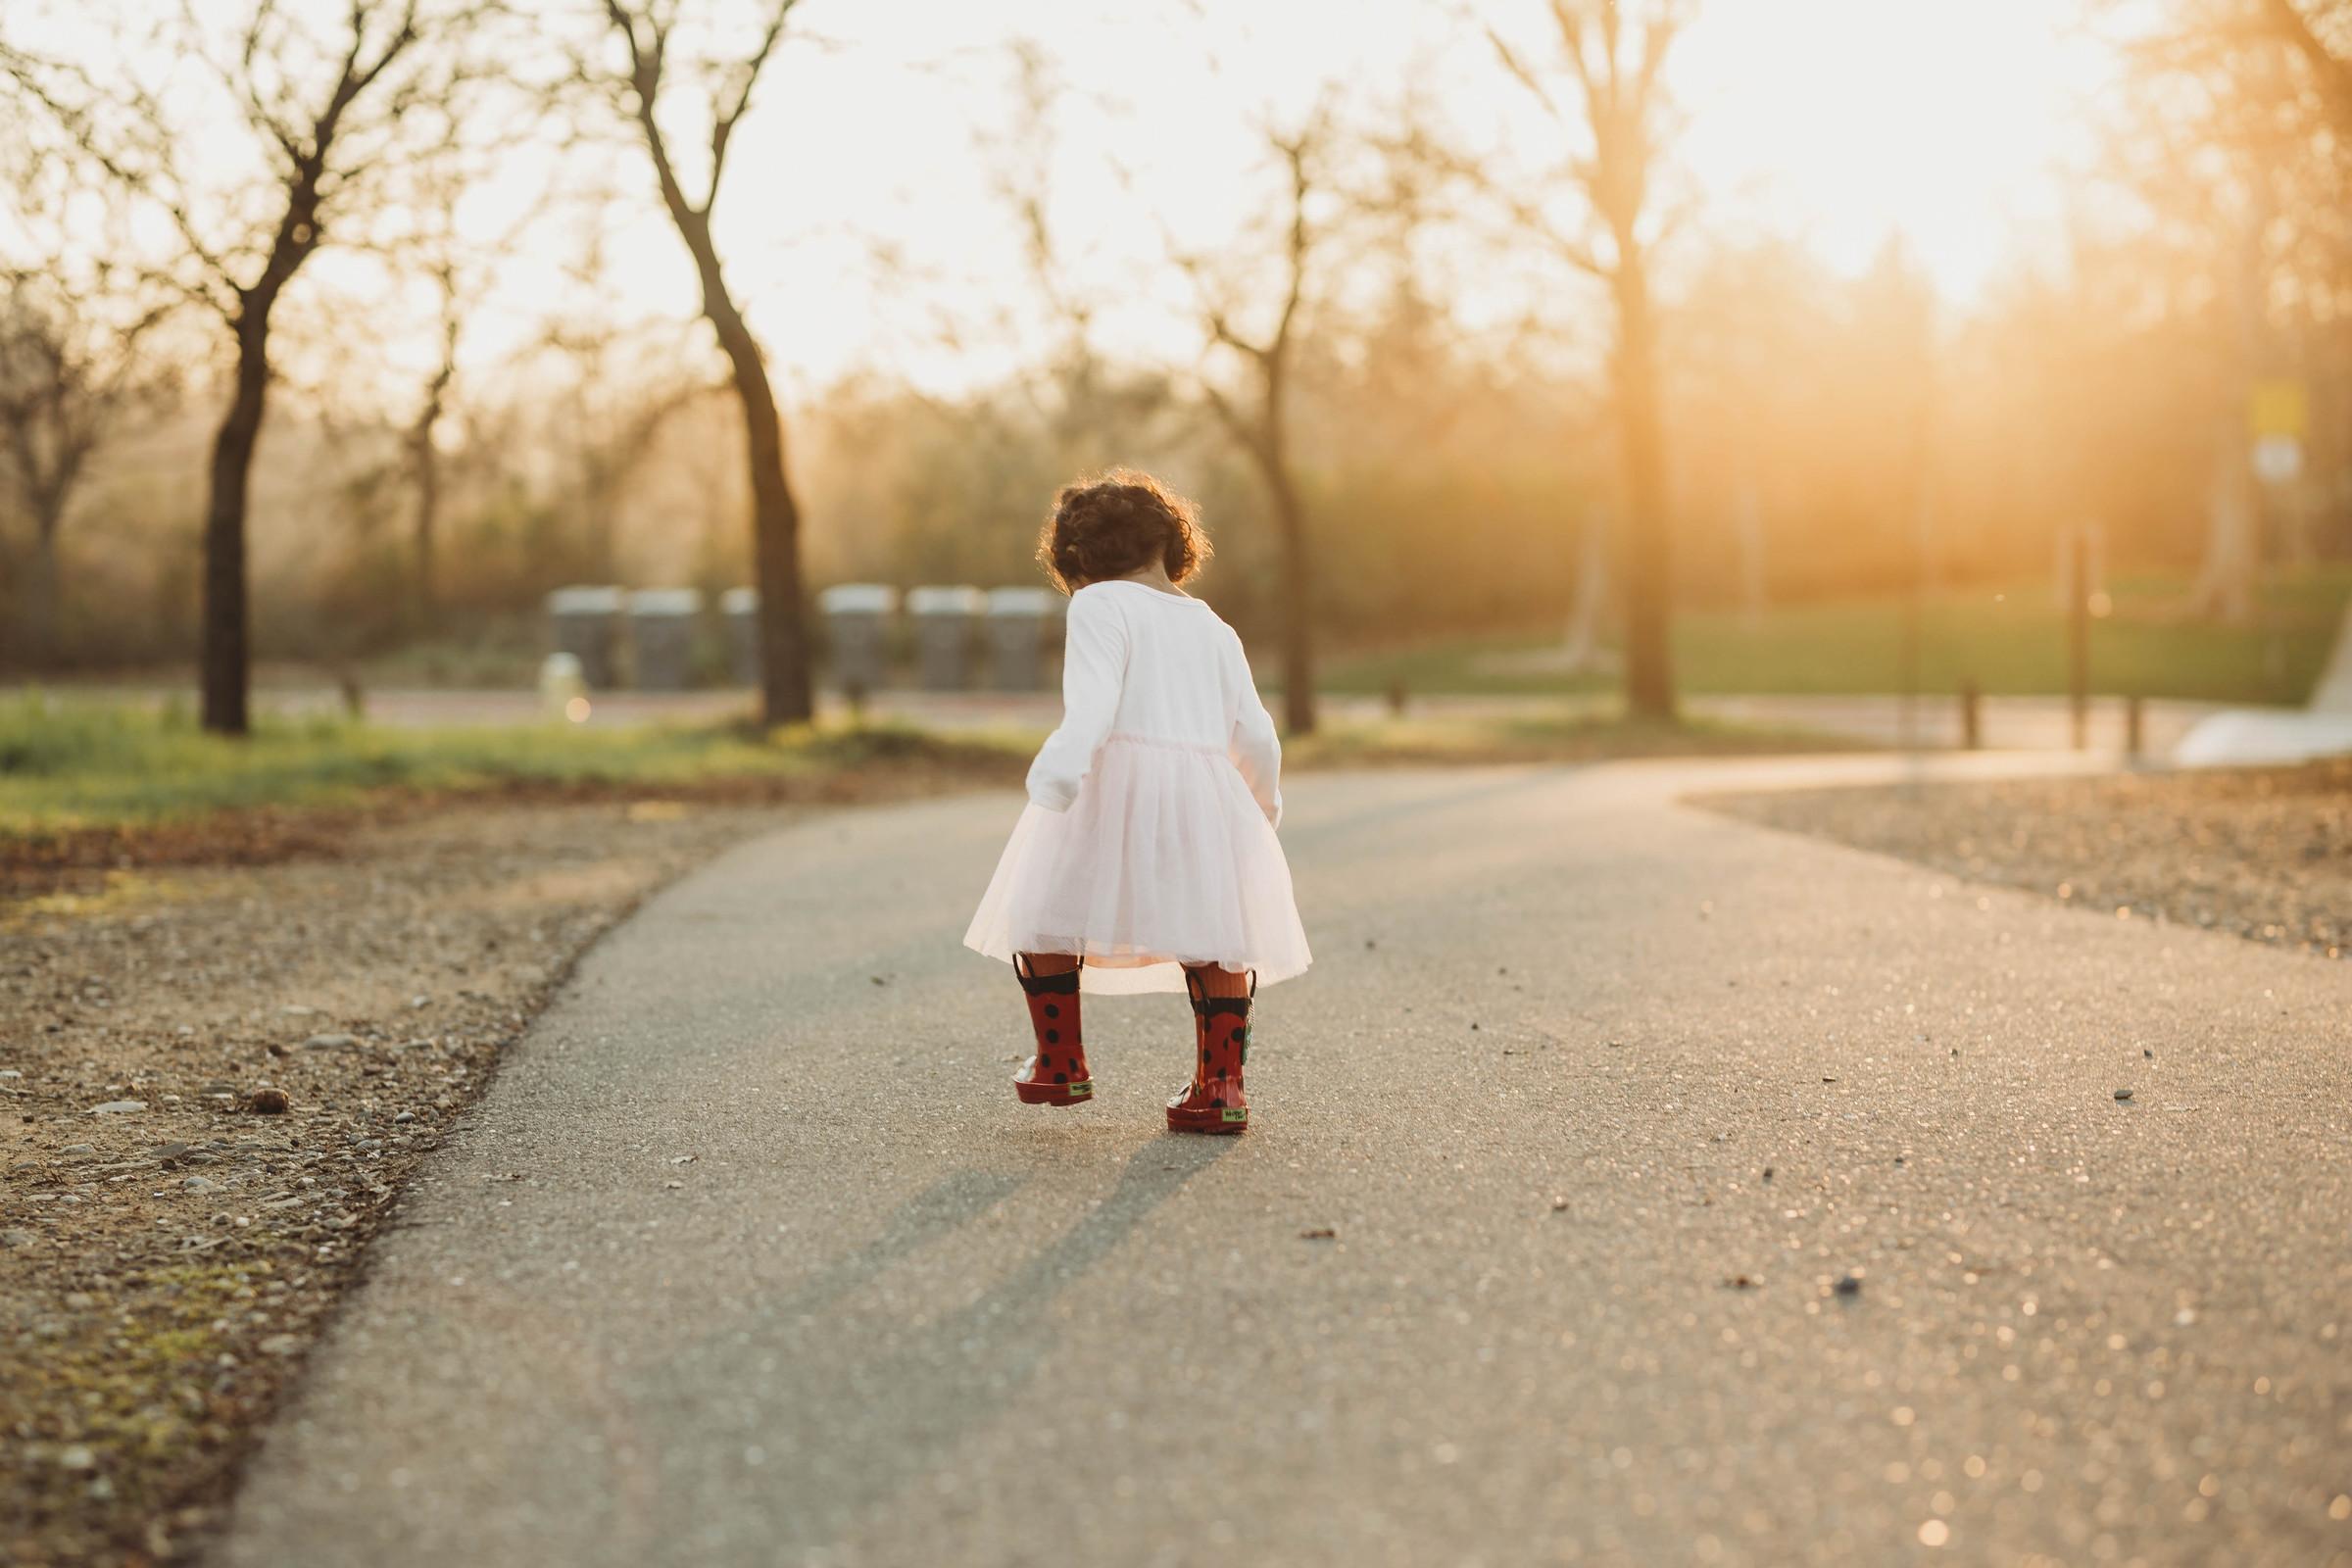 girl on path in rain boots jyo bhamadipati